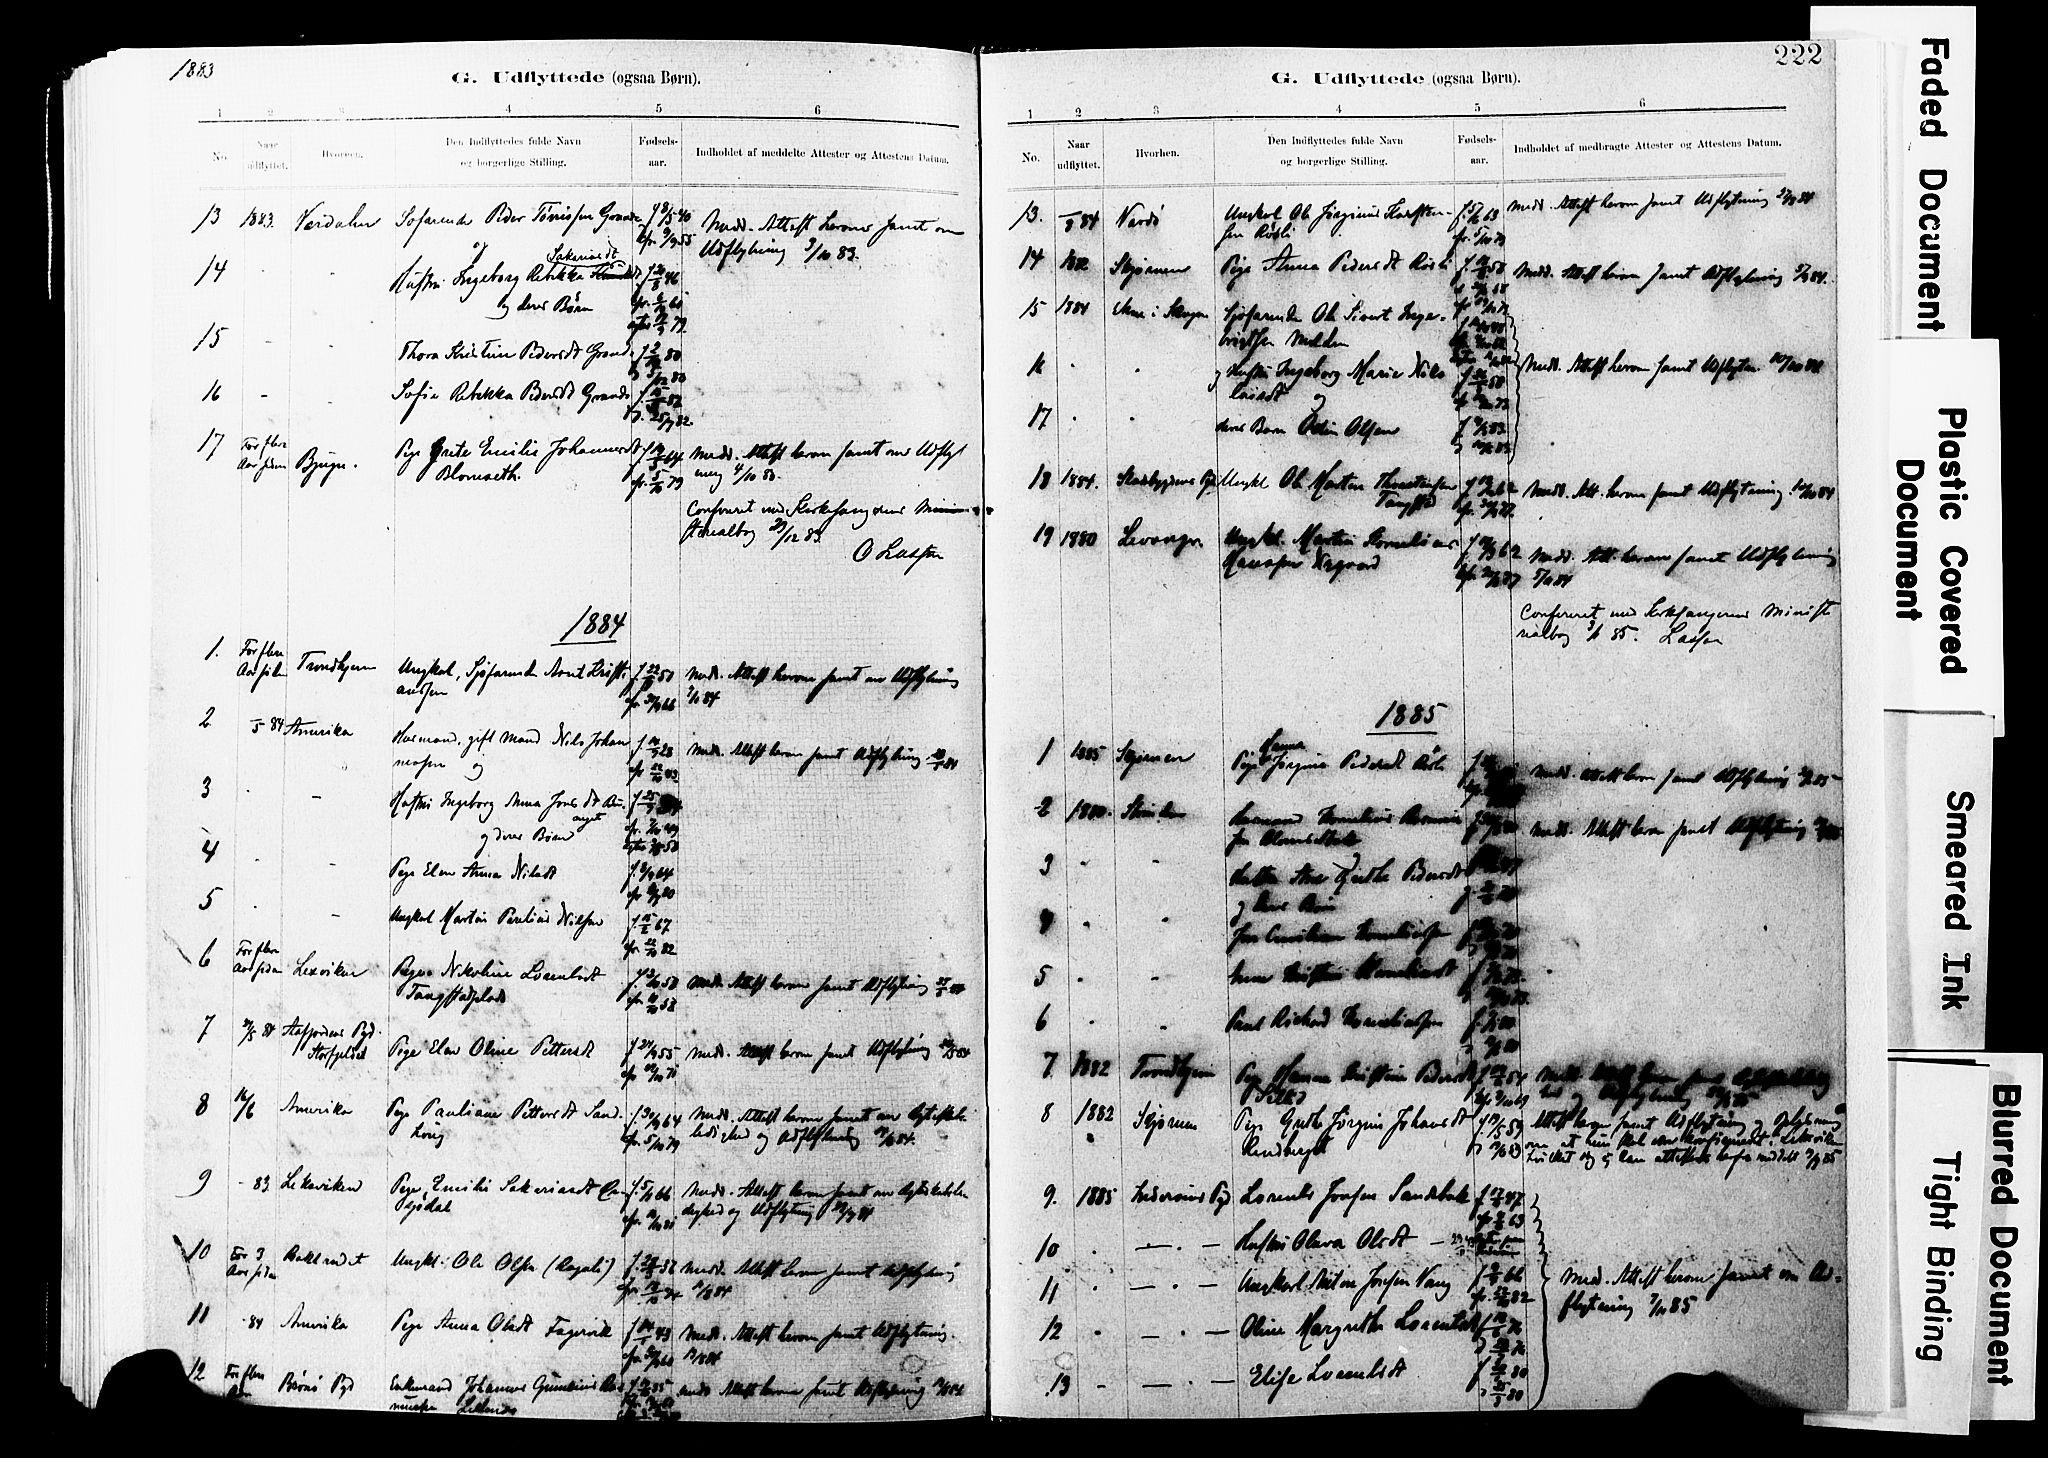 SAT, Ministerialprotokoller, klokkerbøker og fødselsregistre - Nord-Trøndelag, 744/L0420: Ministerialbok nr. 744A04, 1882-1904, s. 222